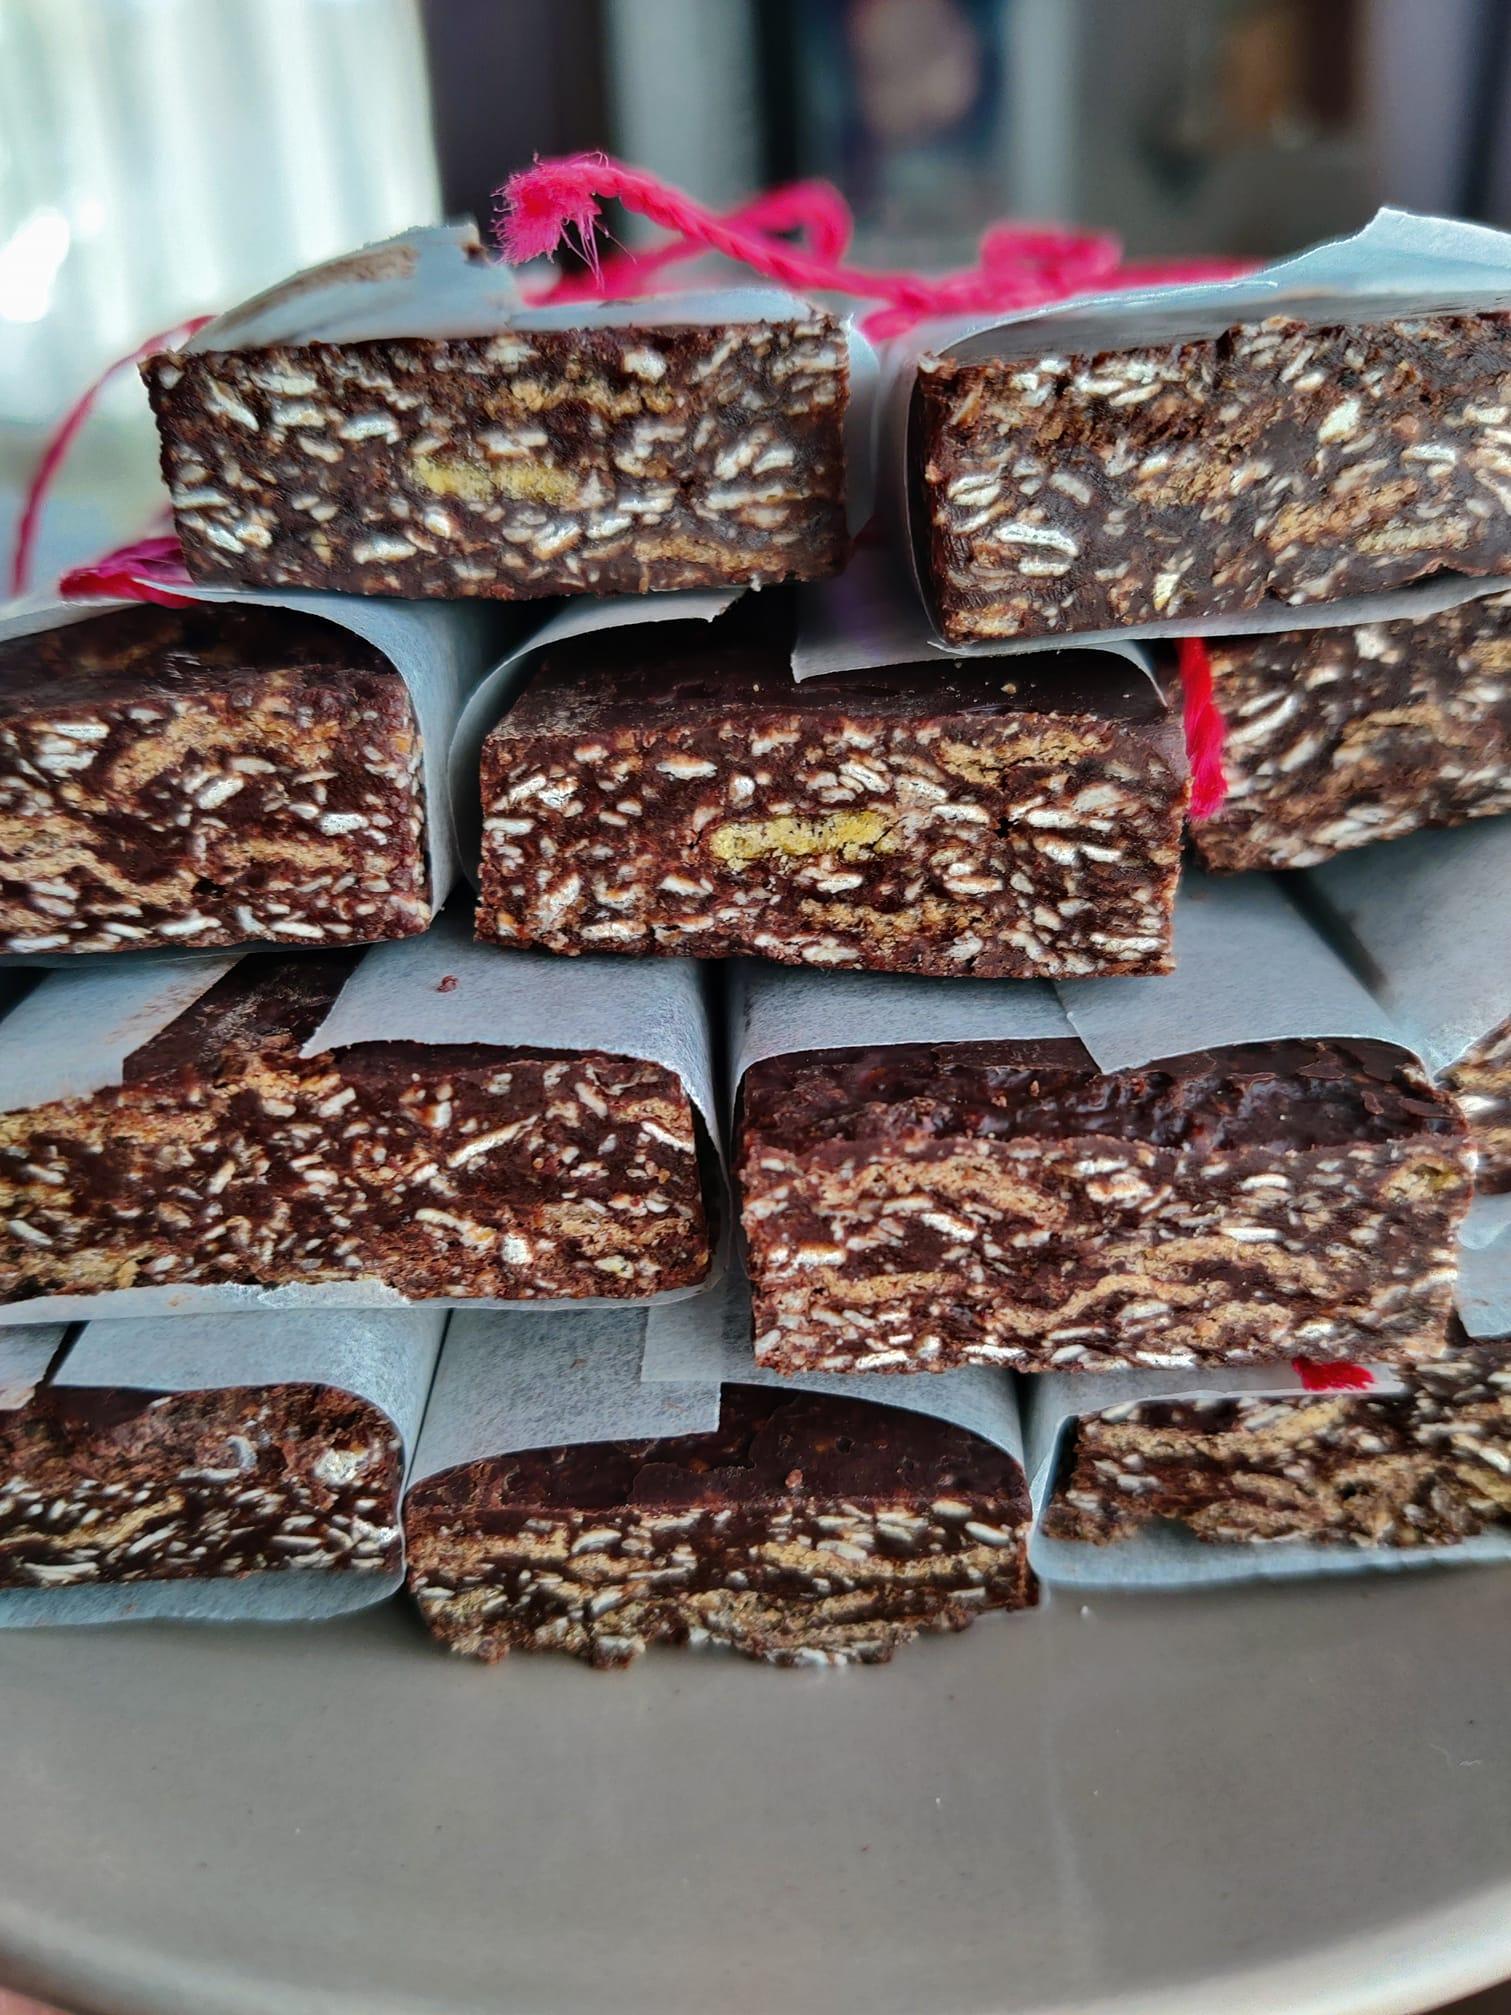 Μπάρες_ δημητριακών _με σοκολάτα, _μέλι_ και ταχίνι_